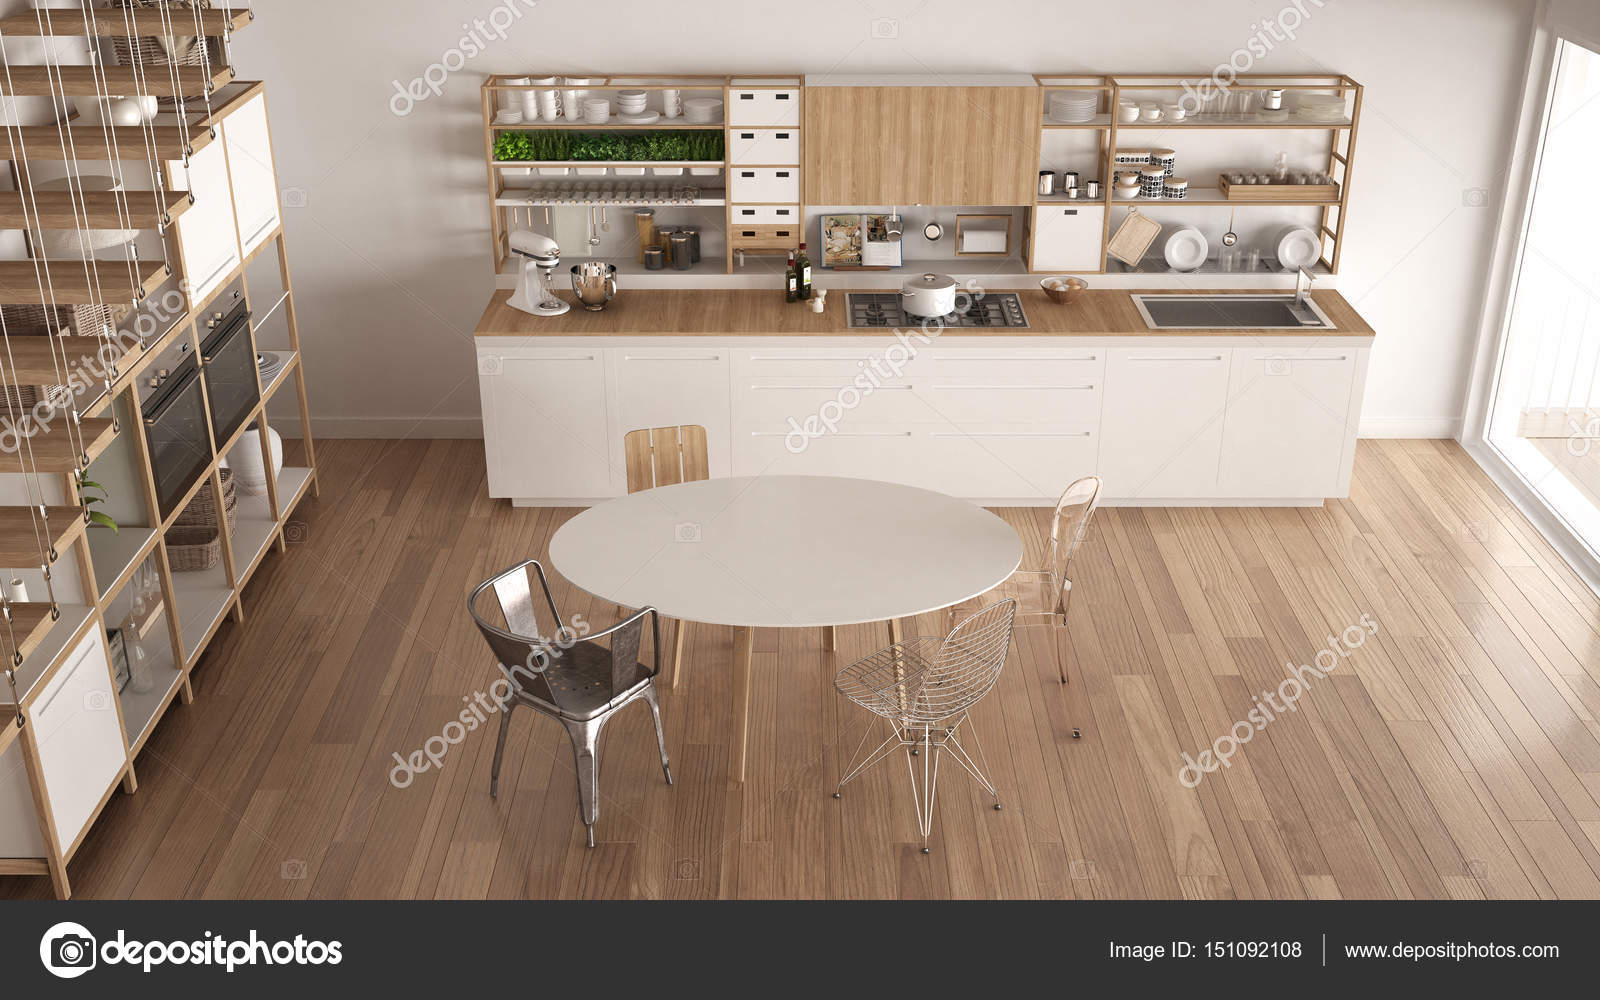 Cucina In Legno Bianca Minimalista Soppalco Con Scale Scand